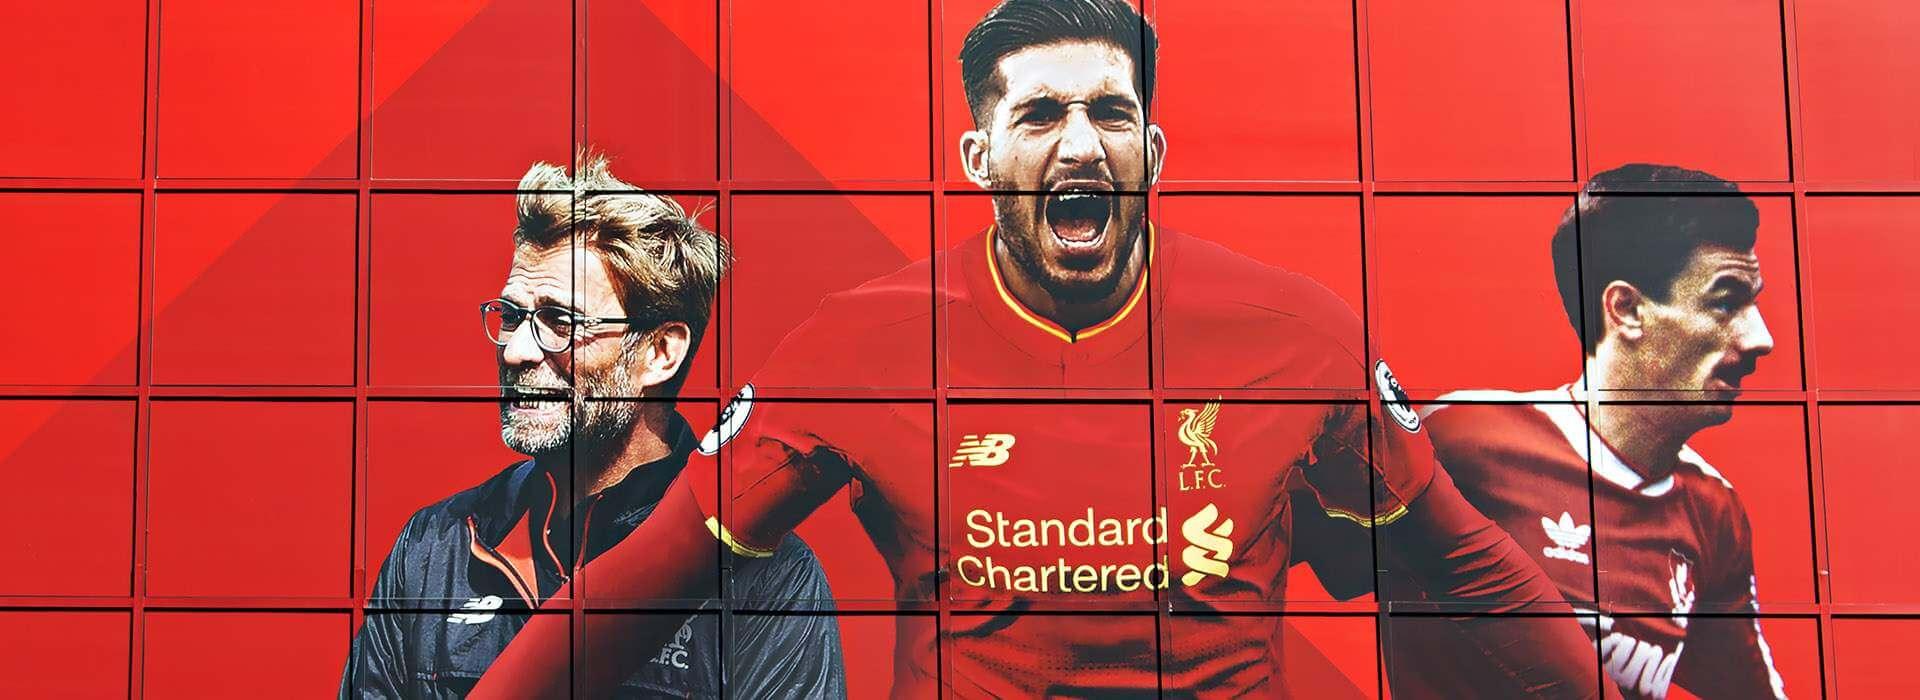 Premier League – Week 3